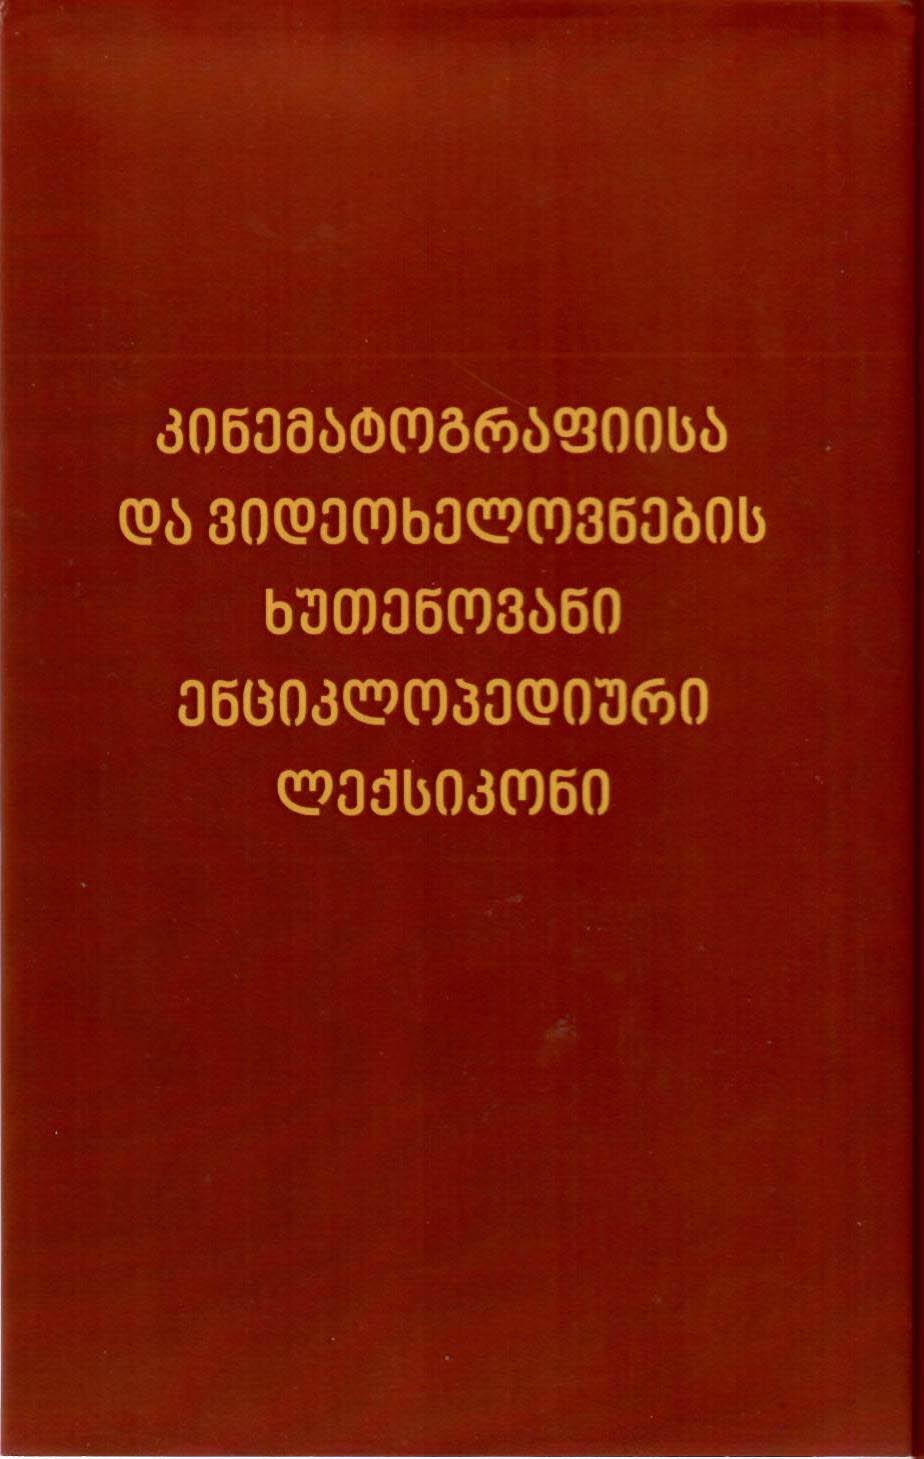 კინემატოგრაფიისა და ვიდეოხელოვნების ხუთენოვანი ენციკლოპედიური ლექსიკონი